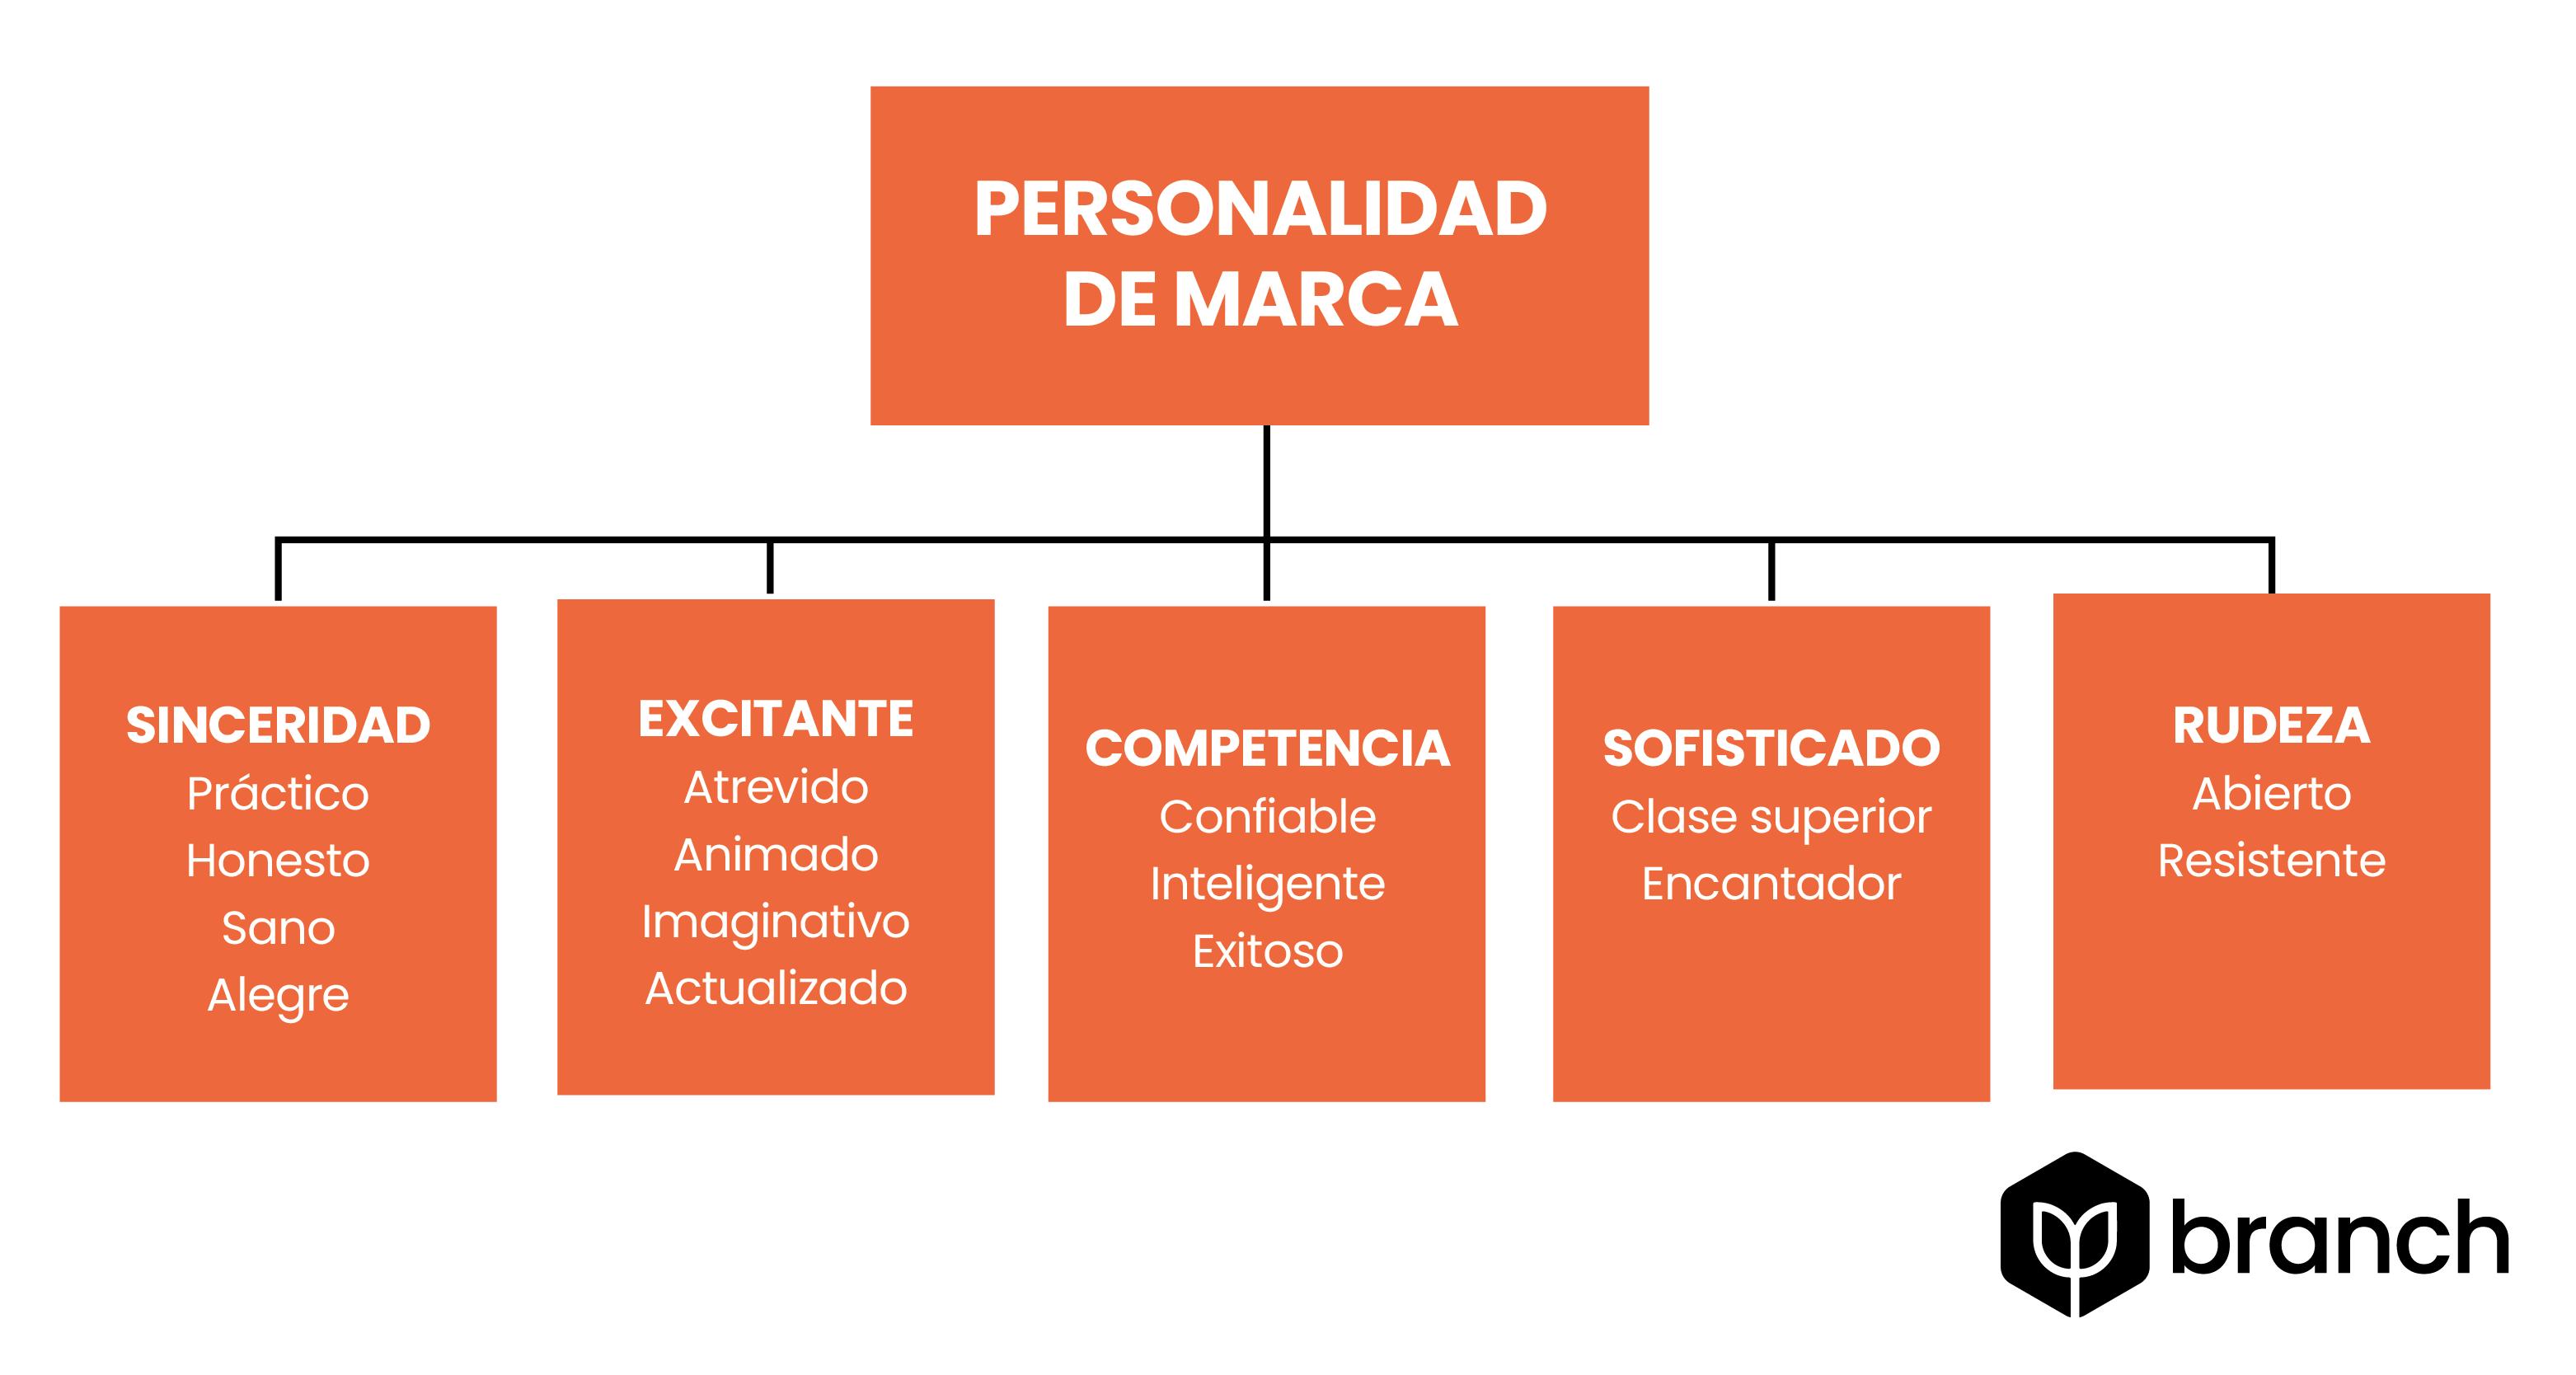 arquitipos-de-personalidad-de-marca